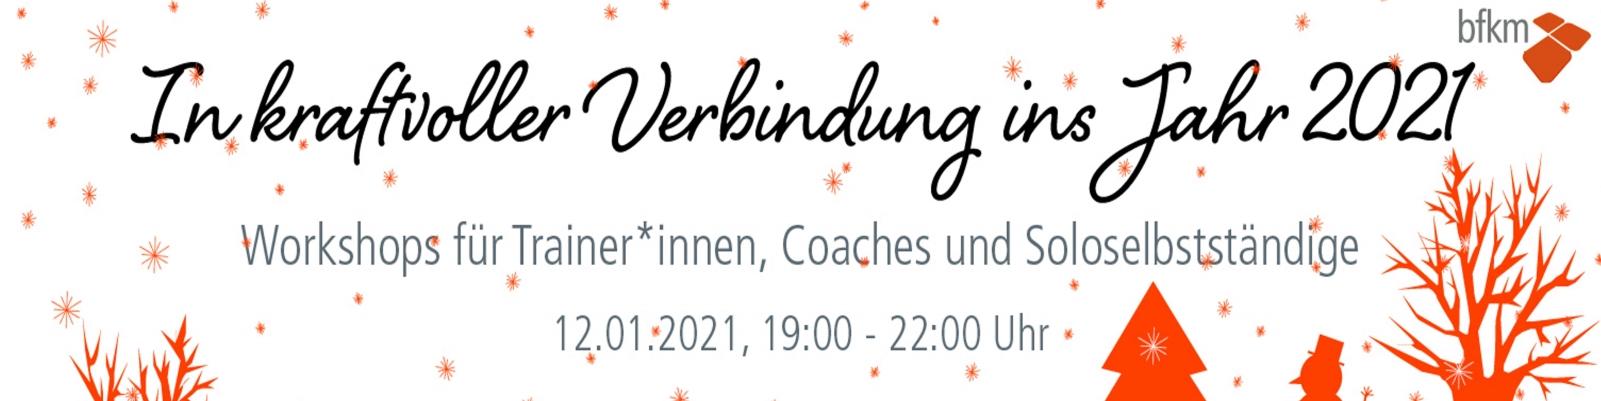 Workshops für Trainer*innen und Coaches